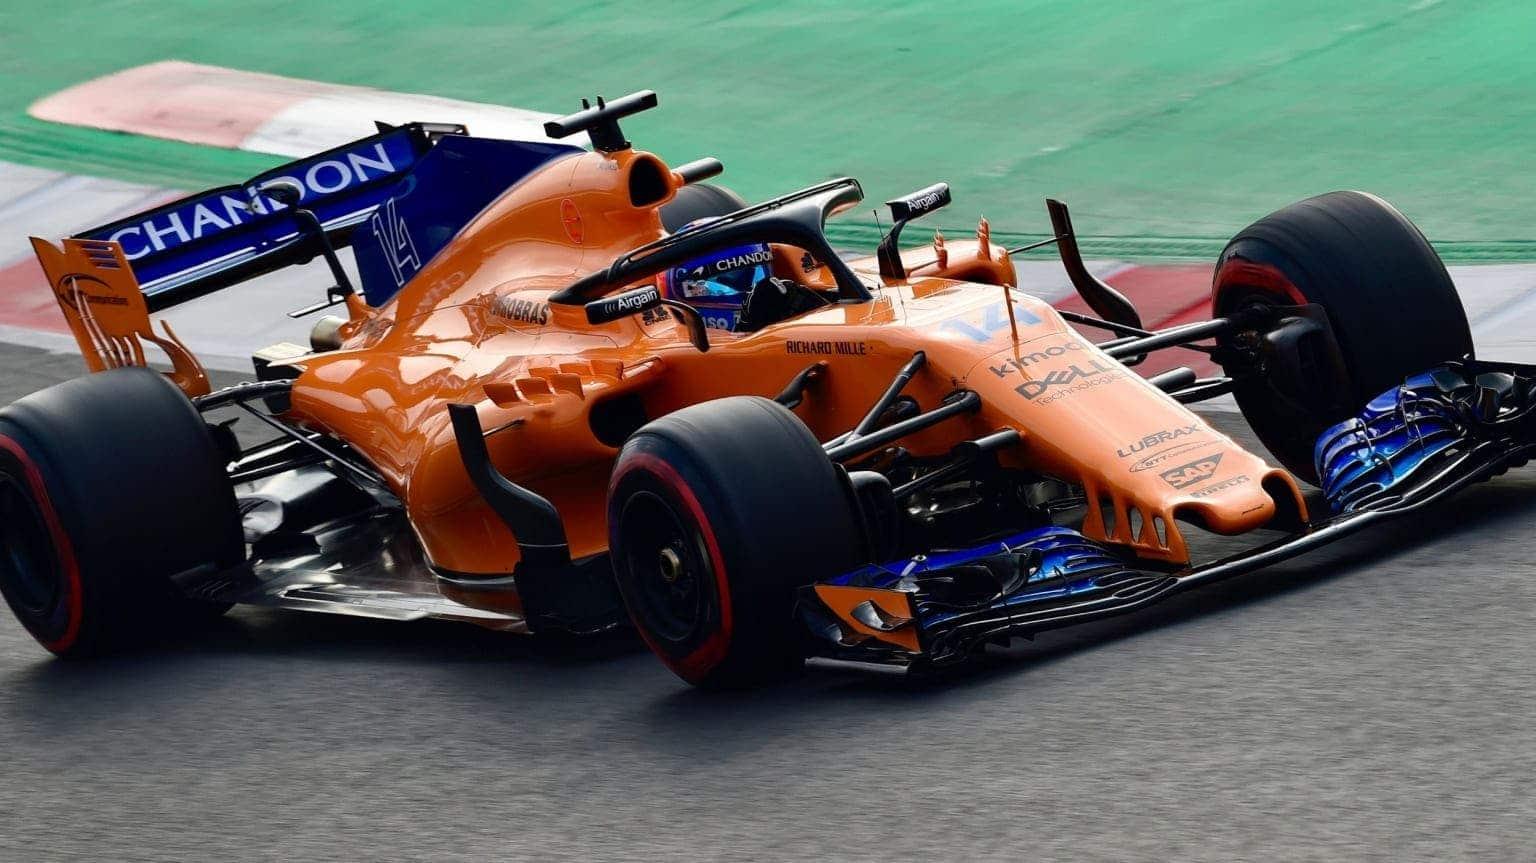 Carro da McLaren, equipe de Fórmula 1